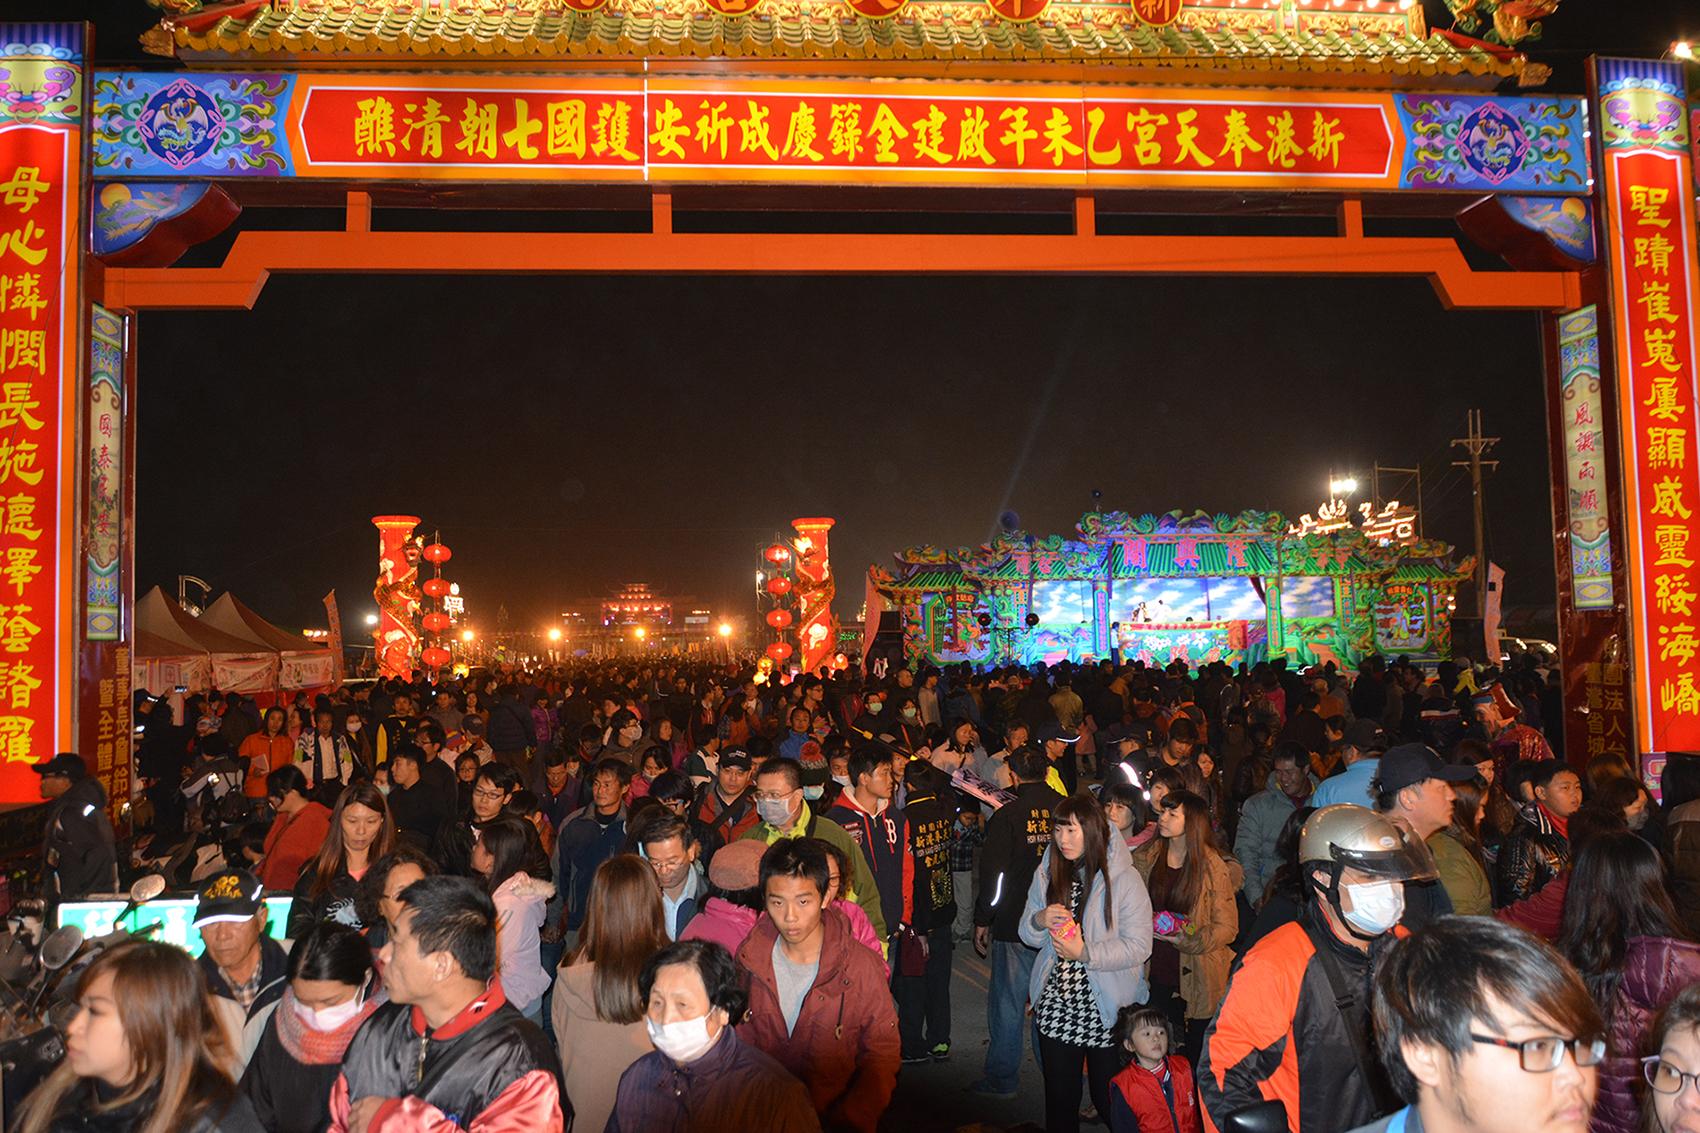 2016 年新港奉天宮舉辦的《百年大醮》是宗教界的年度盛事。 圖片來源│吳瑞明提供